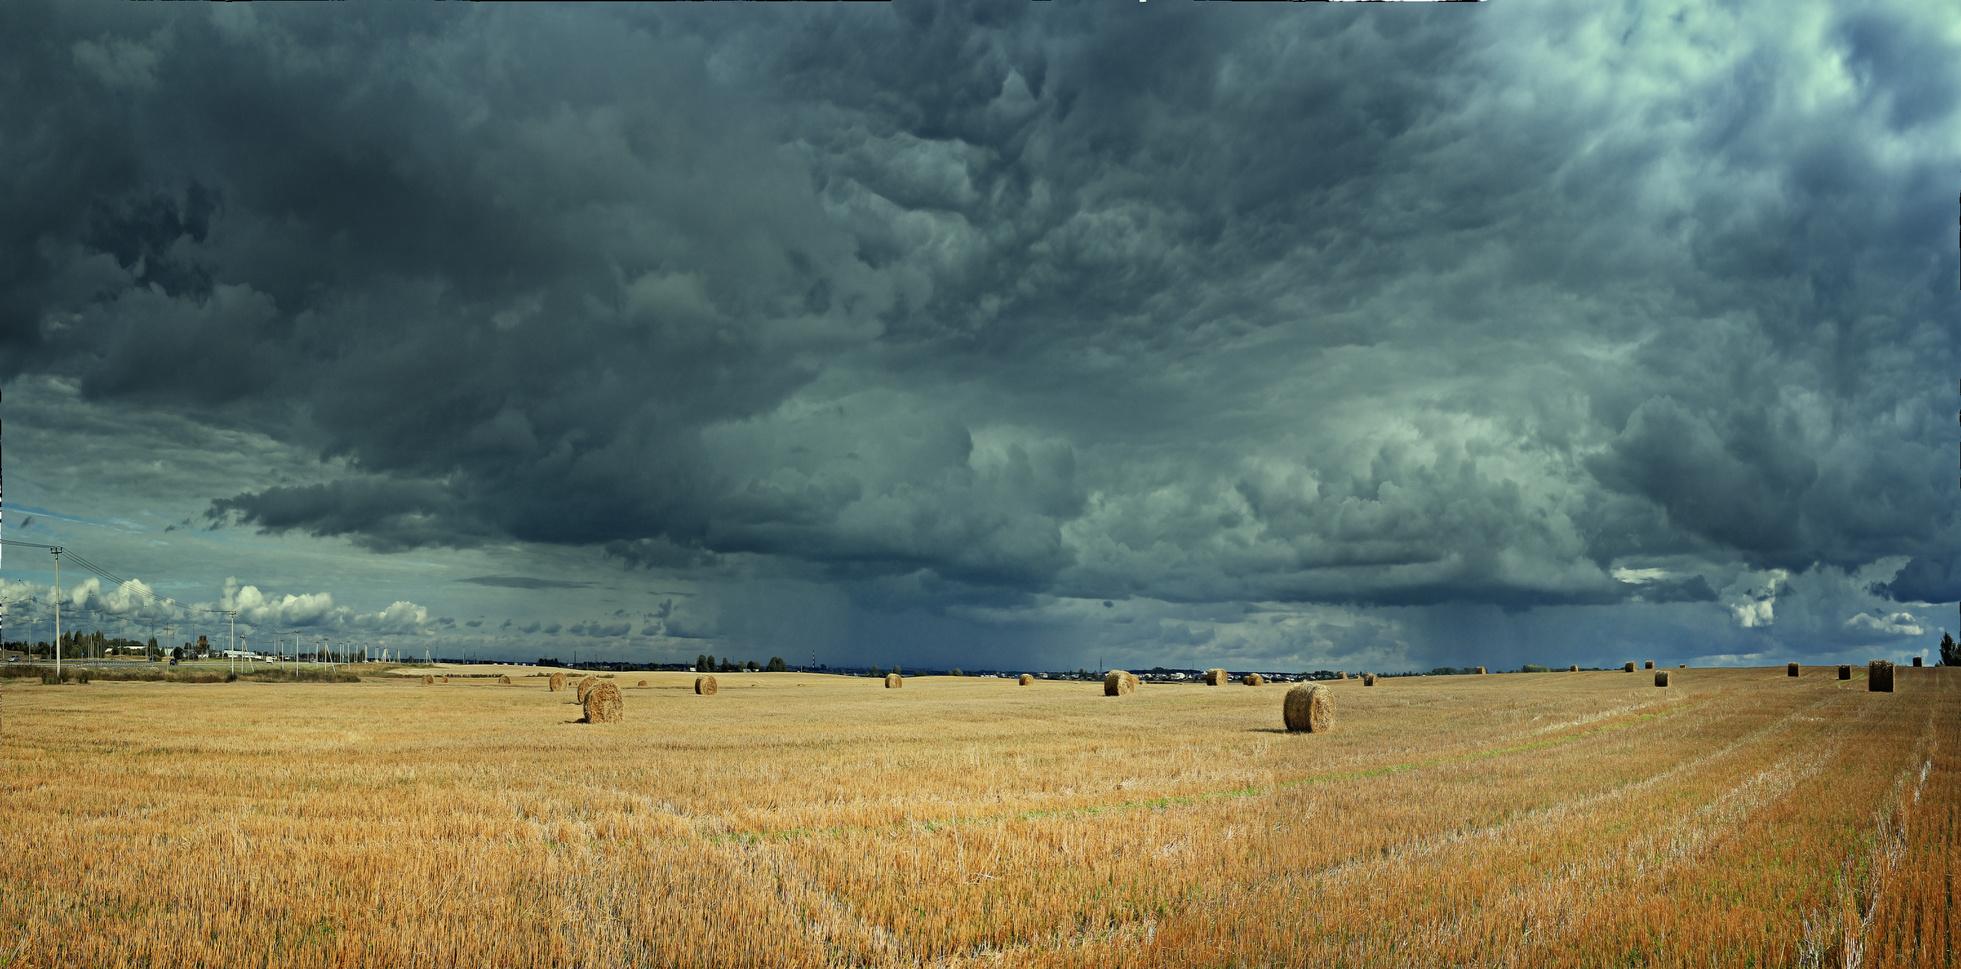 abgeerntetes Getreidefeld mit gelben Stoppeln und Strohballen. Am Himmel türmen sich bedrohlich dunkle und niedrig hängende Wolken.